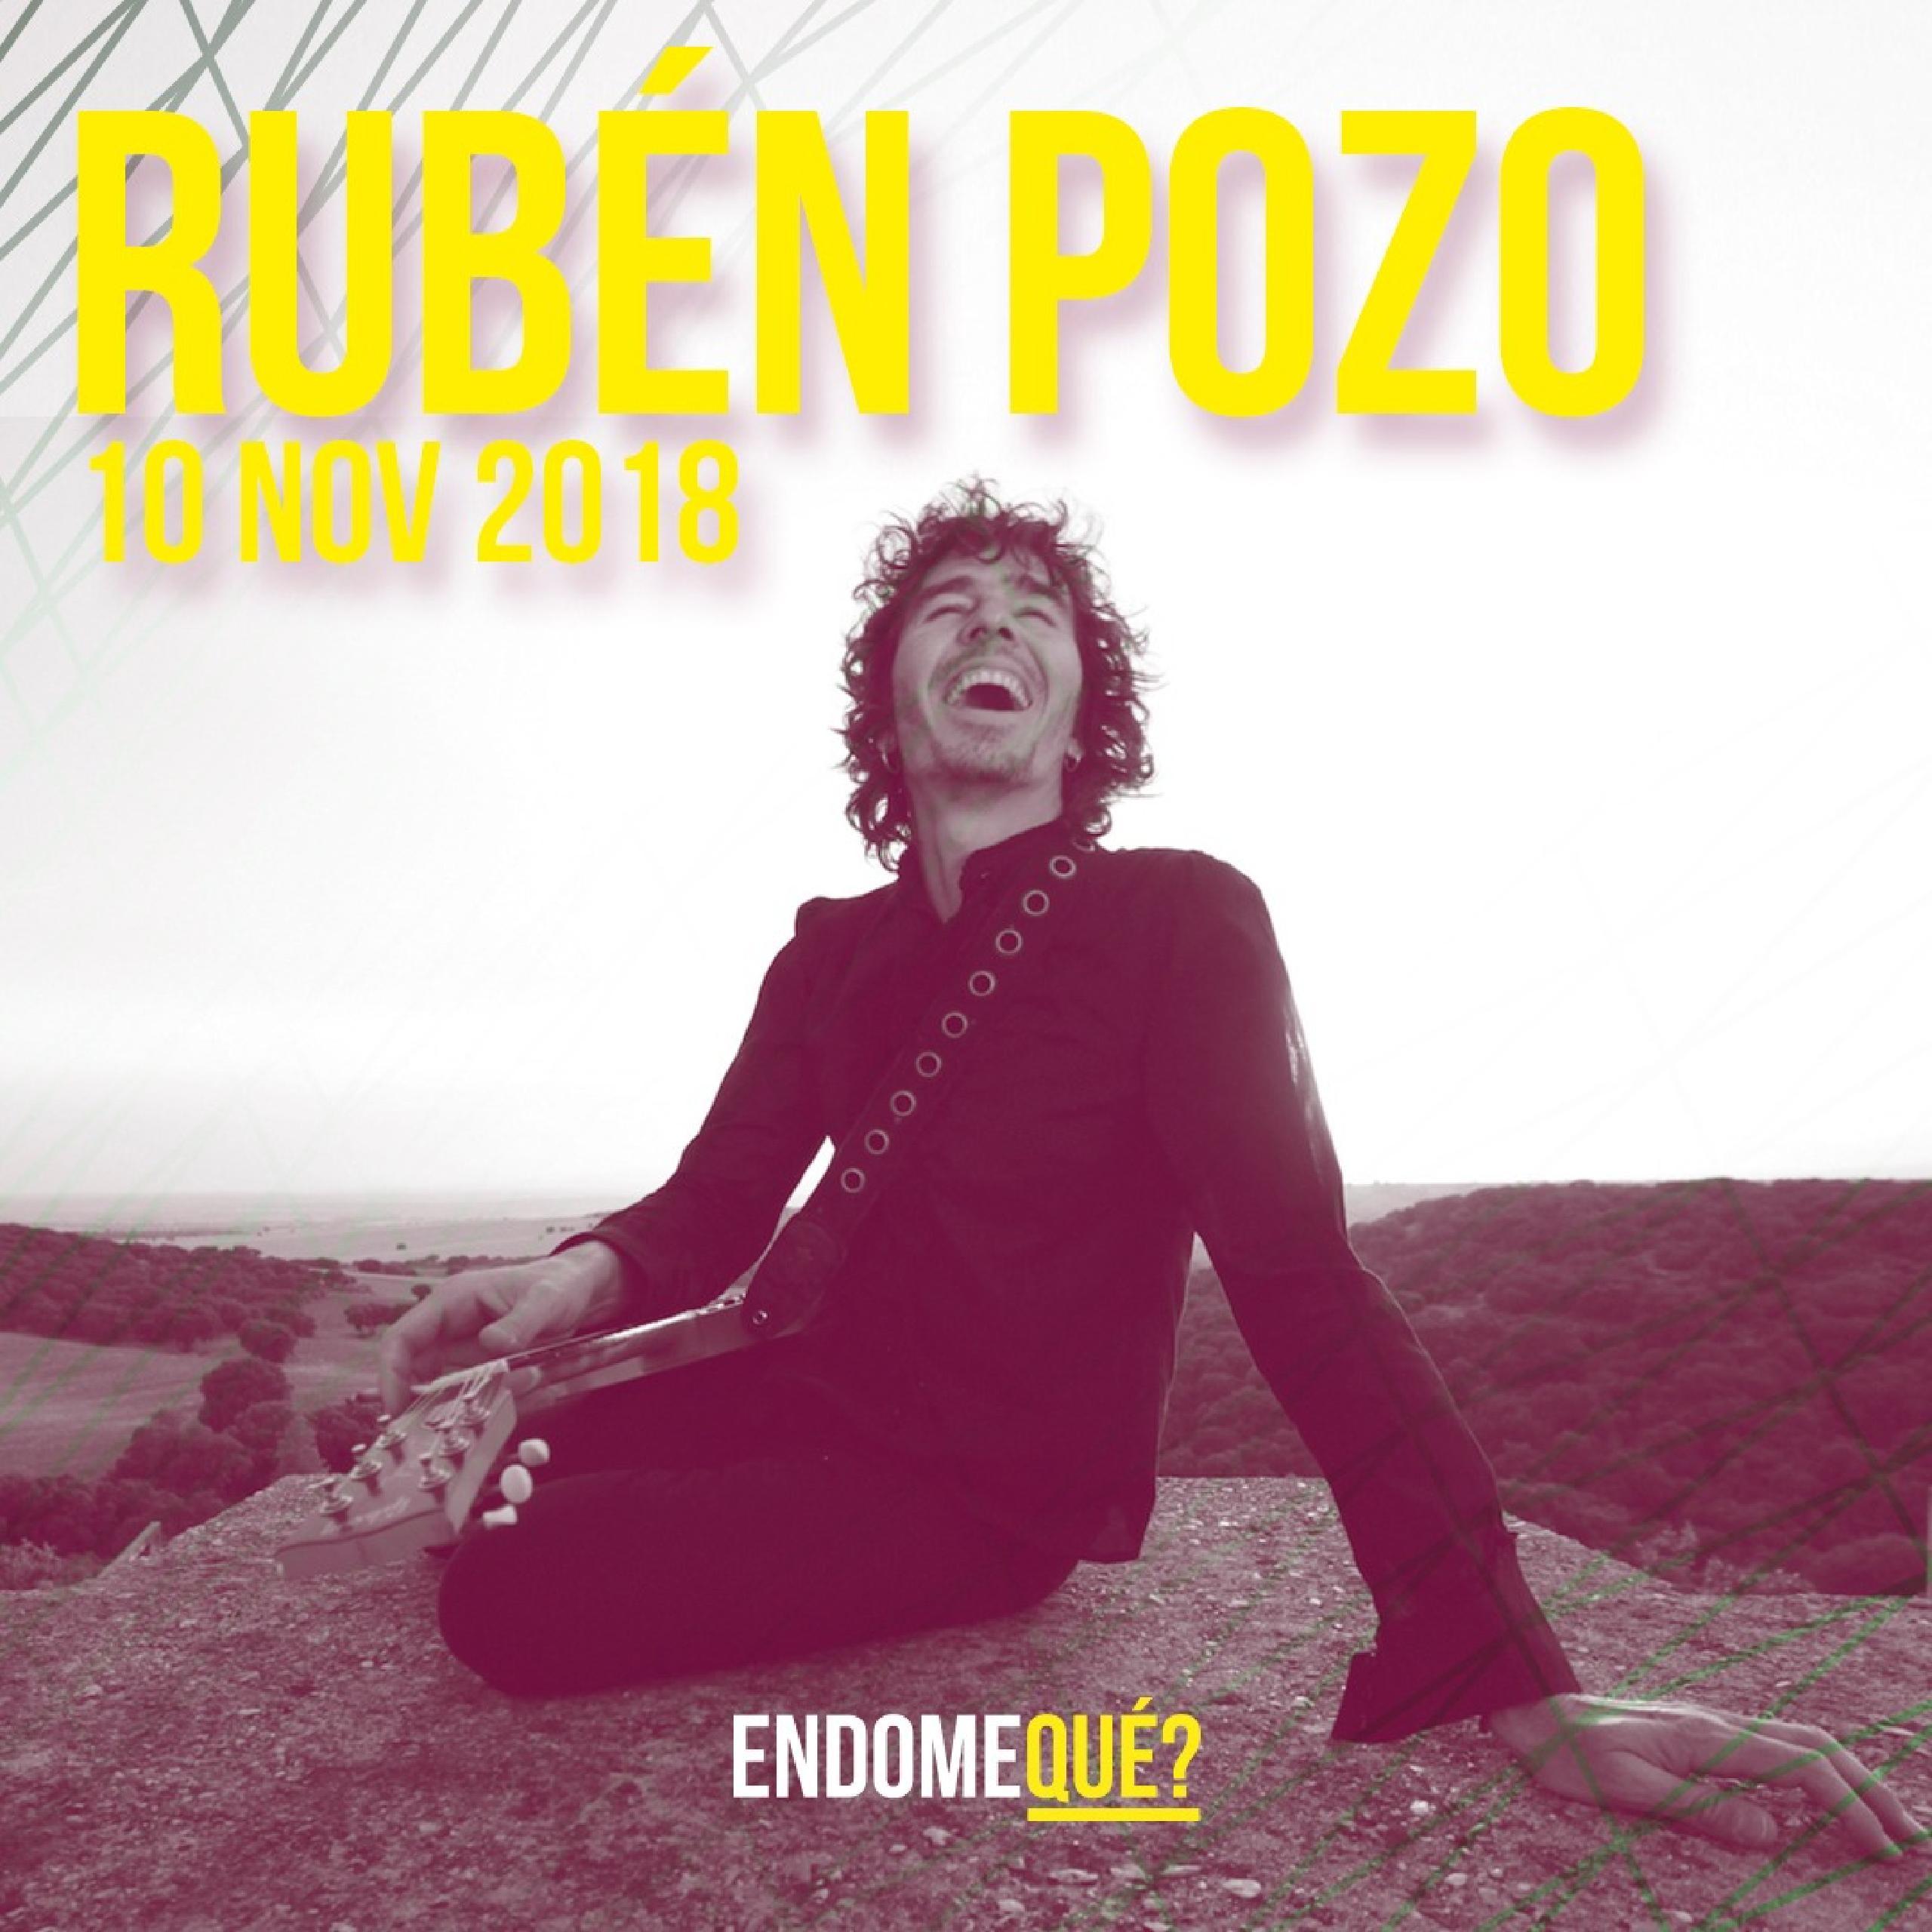 """RUBÉN POZO es un artista apasionado currante de rock & roll. La biografía musical de Rubén Pozo está llena de éxitos; comenzó con el grupo Buenas Noches Rose siendo un adolescente en el barrio de Alameda de Osuna y años más tarde llegó el éxito con Pereza, una de las bandas más relevantes del pop rock español en los últimos tiempos y de las que quedan emblemáticas canciones como """"Margot"""", """"Manager"""", """"Madrid"""", """"Grupis"""" o """"Pirata"""" entre otras. Será en la primavera del 2012 cuando Rubén Pozo saque su primer trabajo en solitario """"Lo que más"""", presentado con su primer single """"Pegatina"""", caracterizado por su original y divertido videoclip. En 2014 nos presenta """"En Marcha"""", su nuevo álbum producido por Nigel Walker y ahora, este año ha lanzado su tercer disco """"Habrá Que Vivir"""", uno de los trabajos más completos del artista, donde se ha vuelto a superar."""